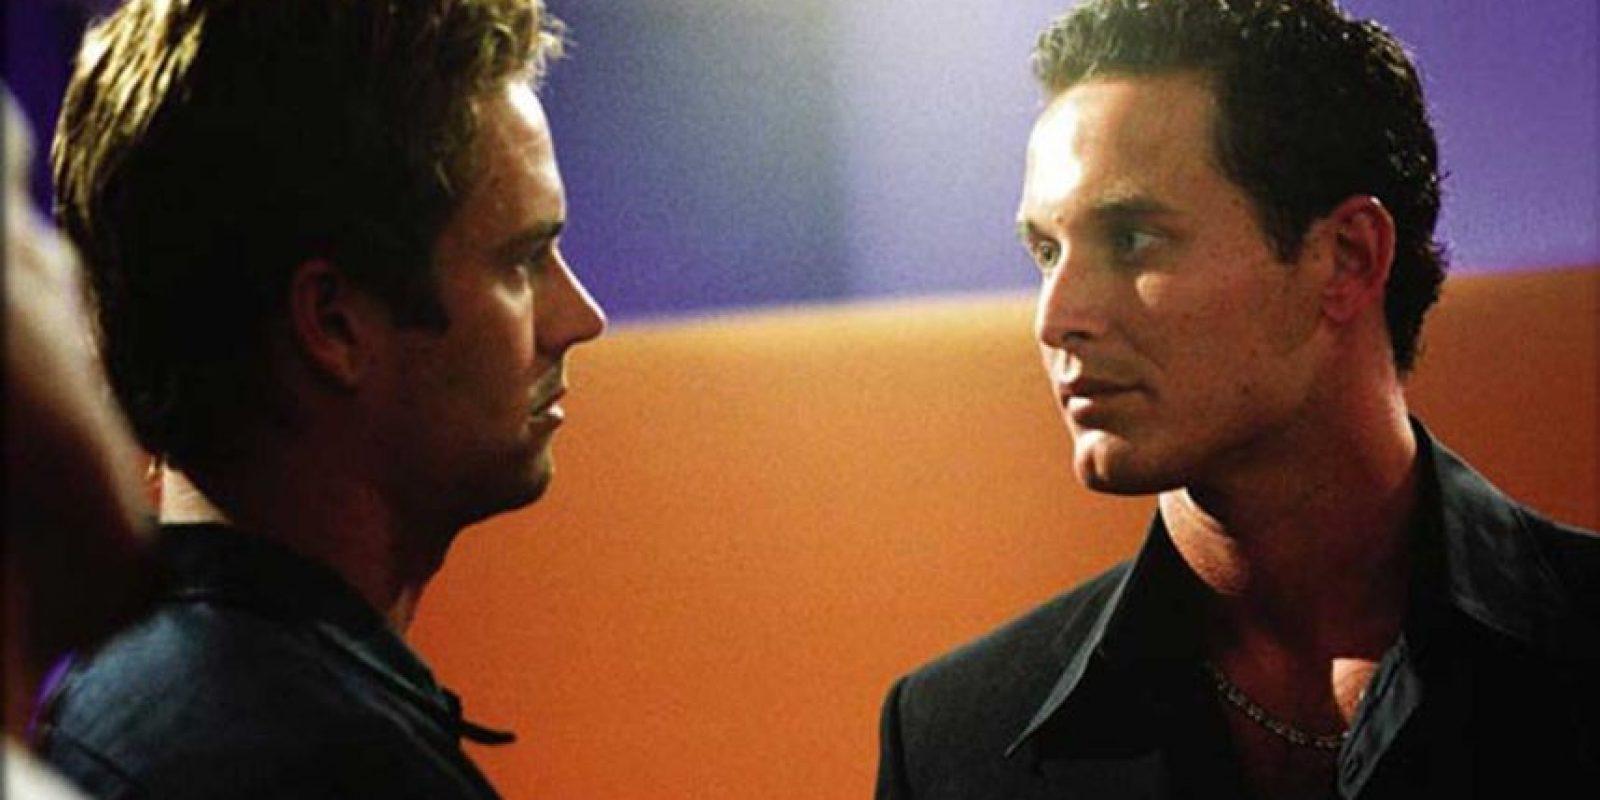 """Trabajó junto a Bruce Willis en a Bruce Willis en """"Tears of the Sun"""", """"Hart's War"""" y """"A Good Day to Die Hard"""" . Foto:imdb.com"""